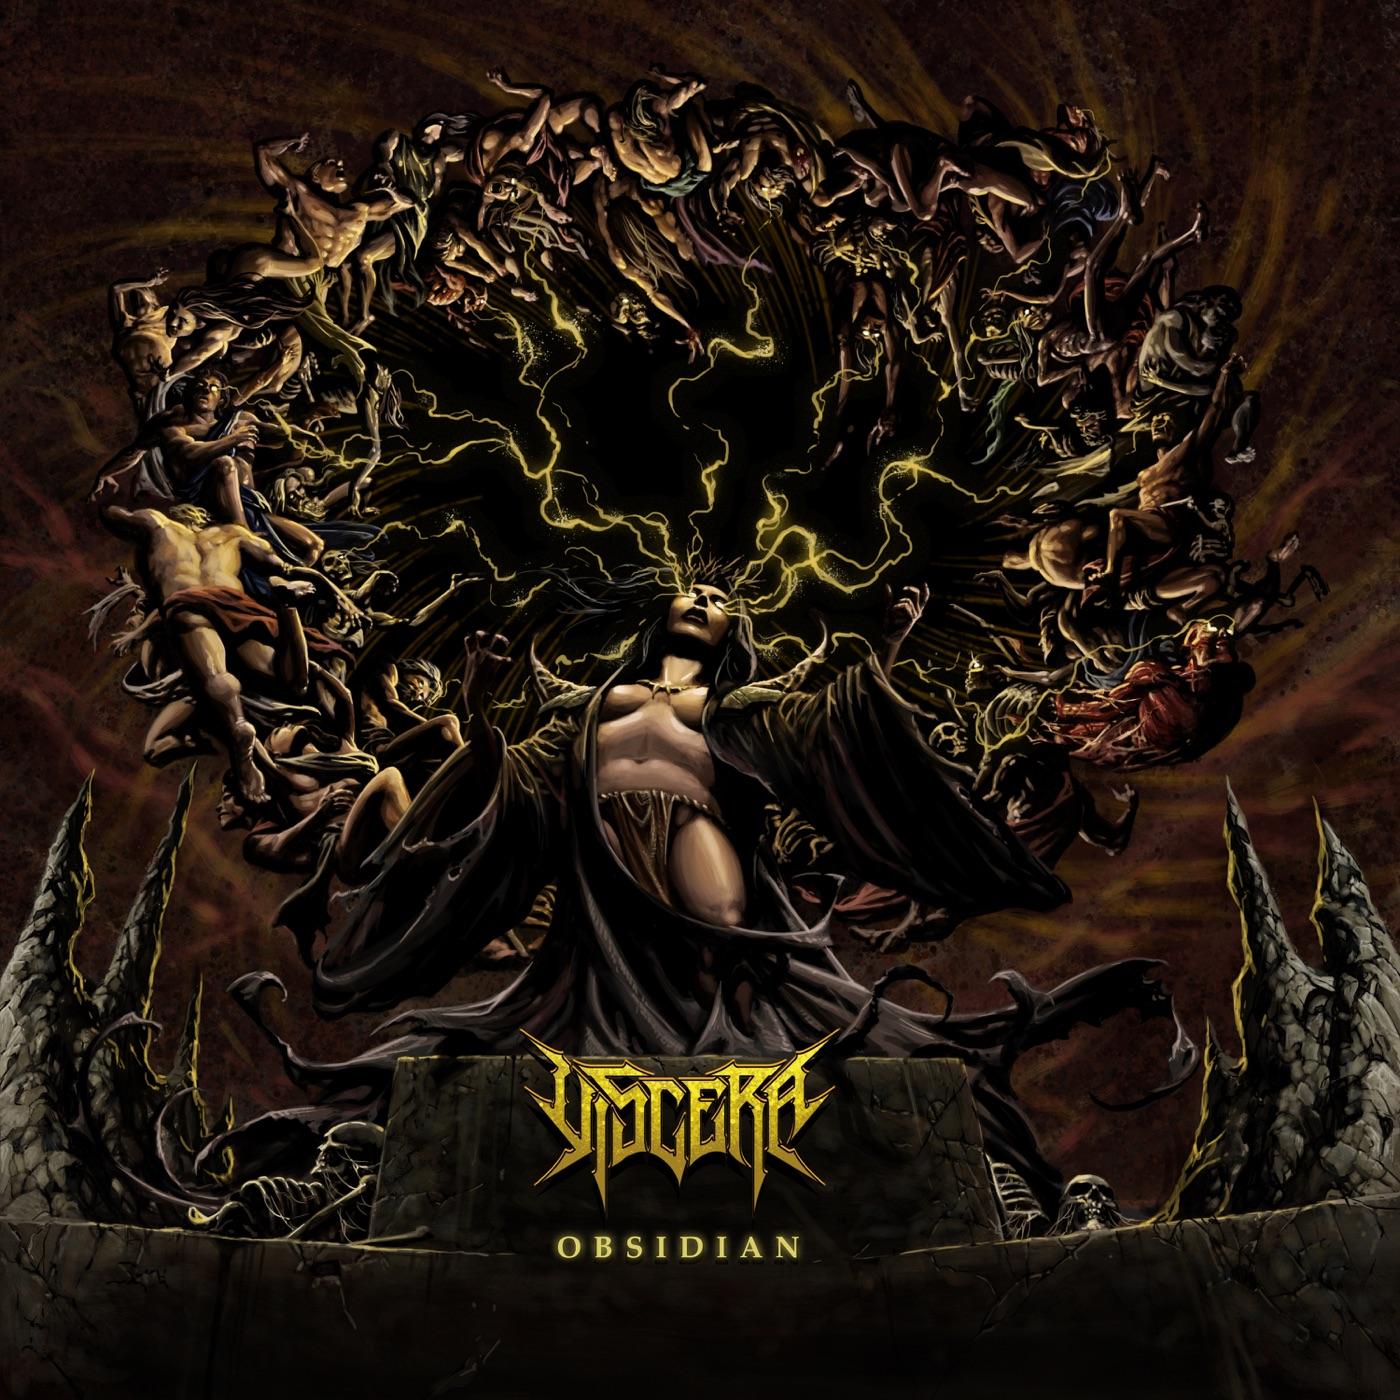 Viscera - Obsidian (2020)